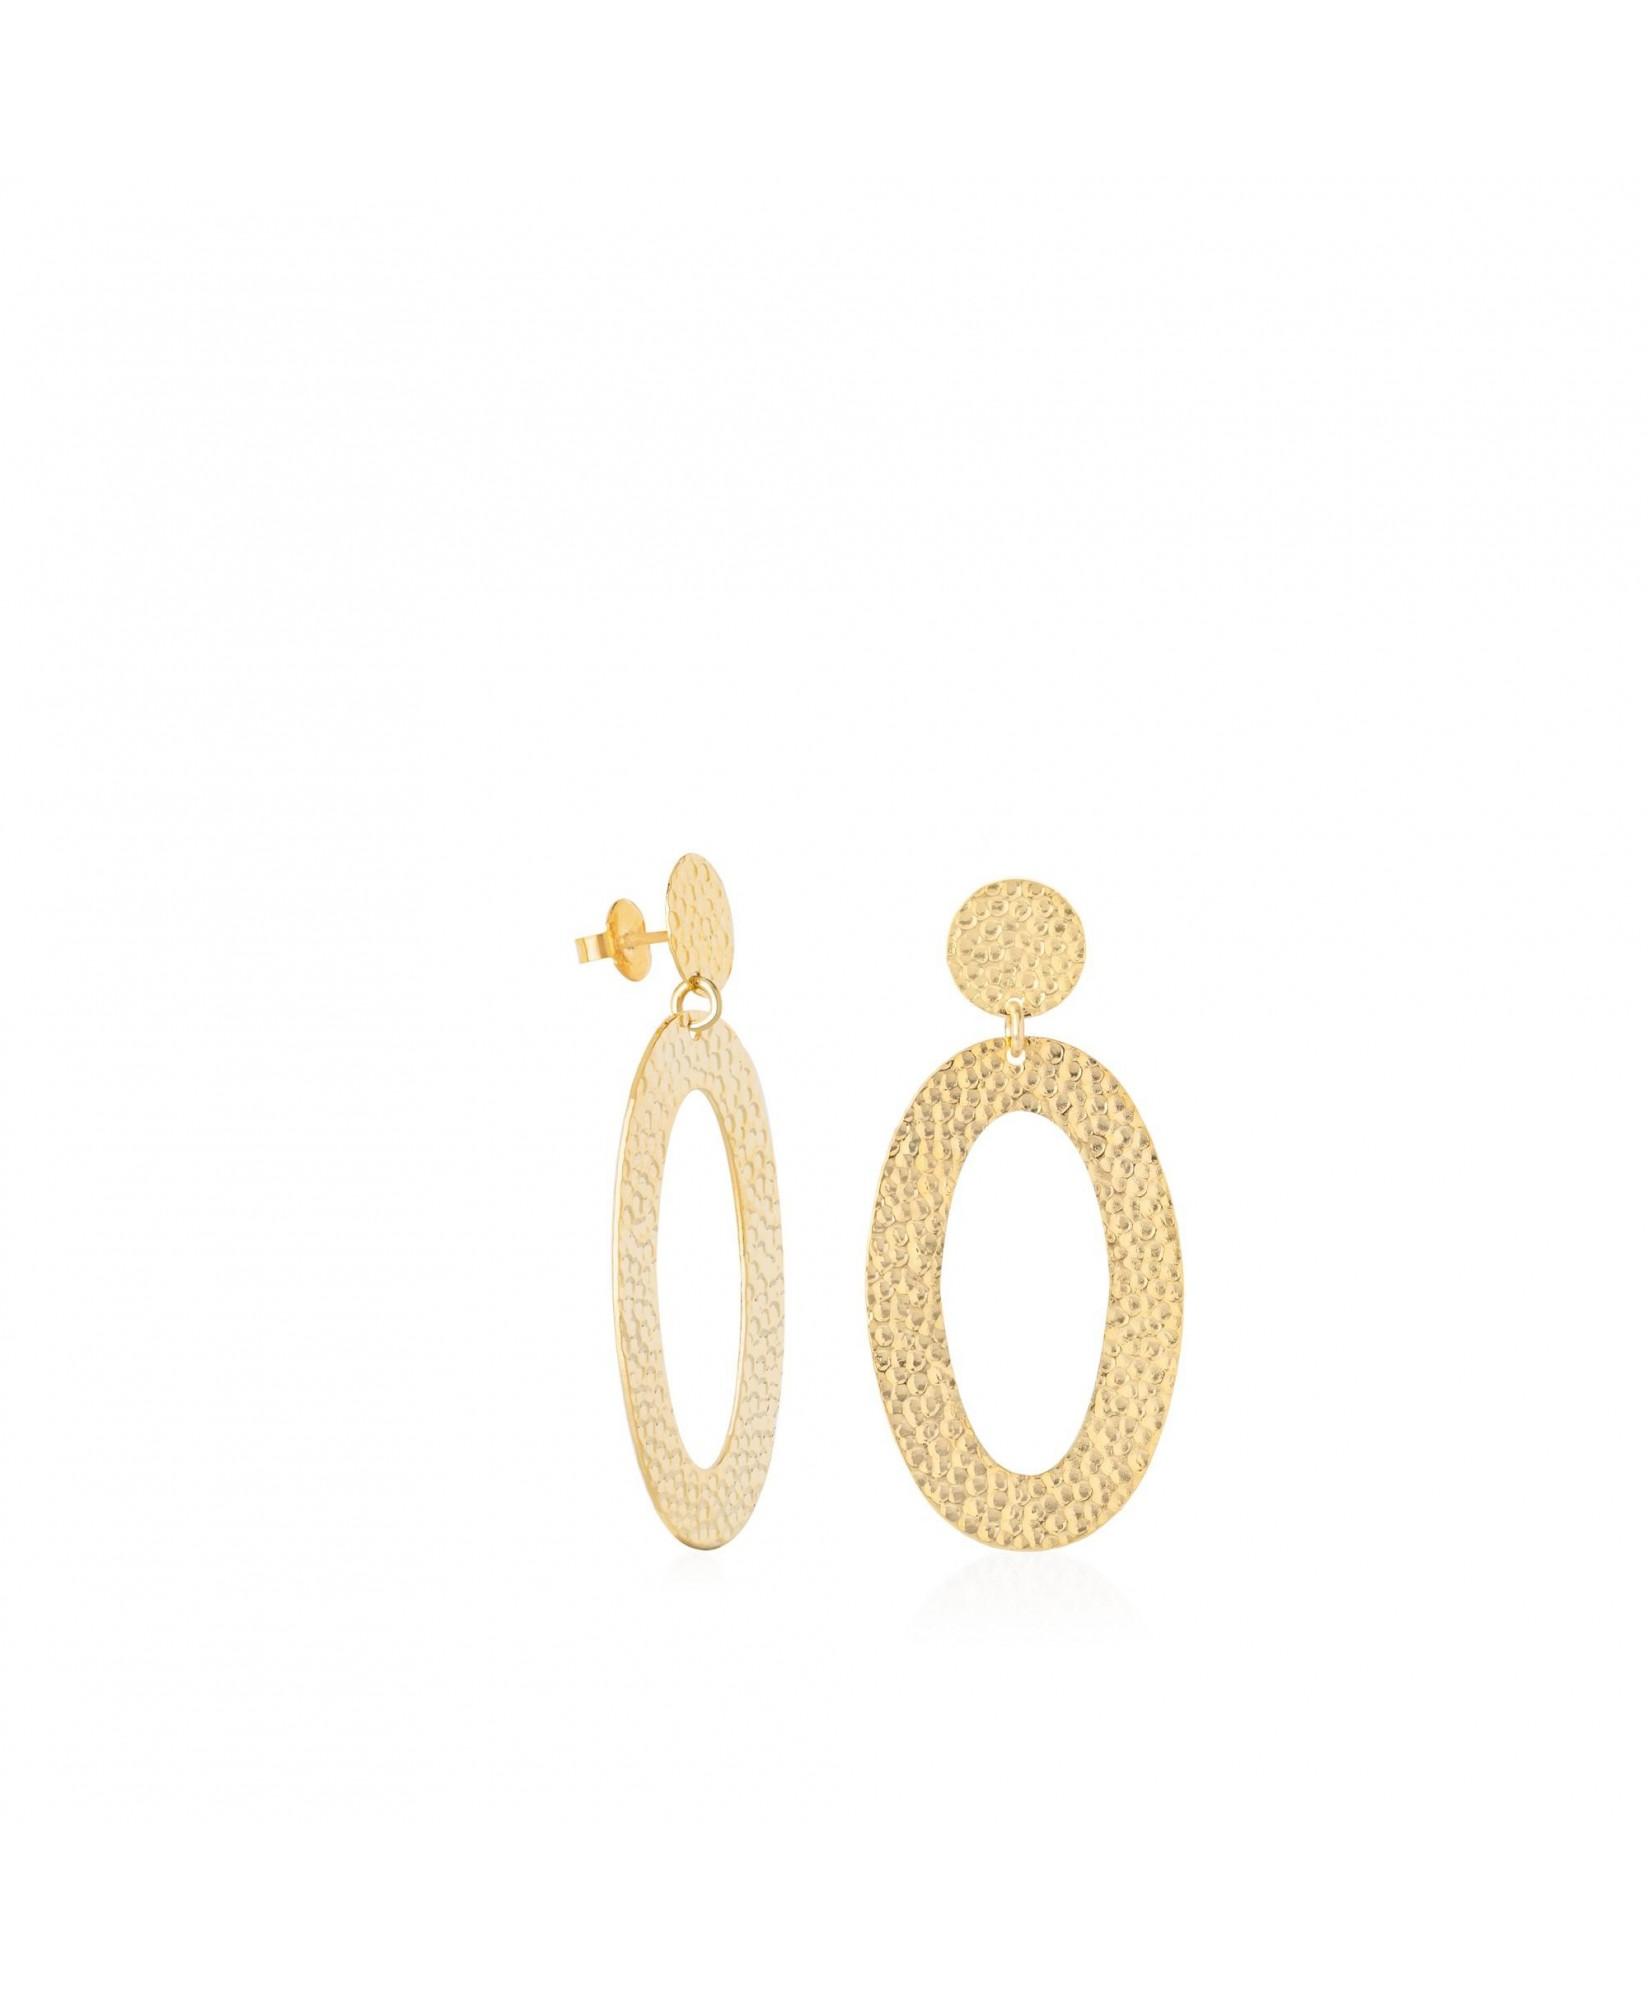 Pendientes oro ovalados Asteria Pendientes oro ovalados Asteria